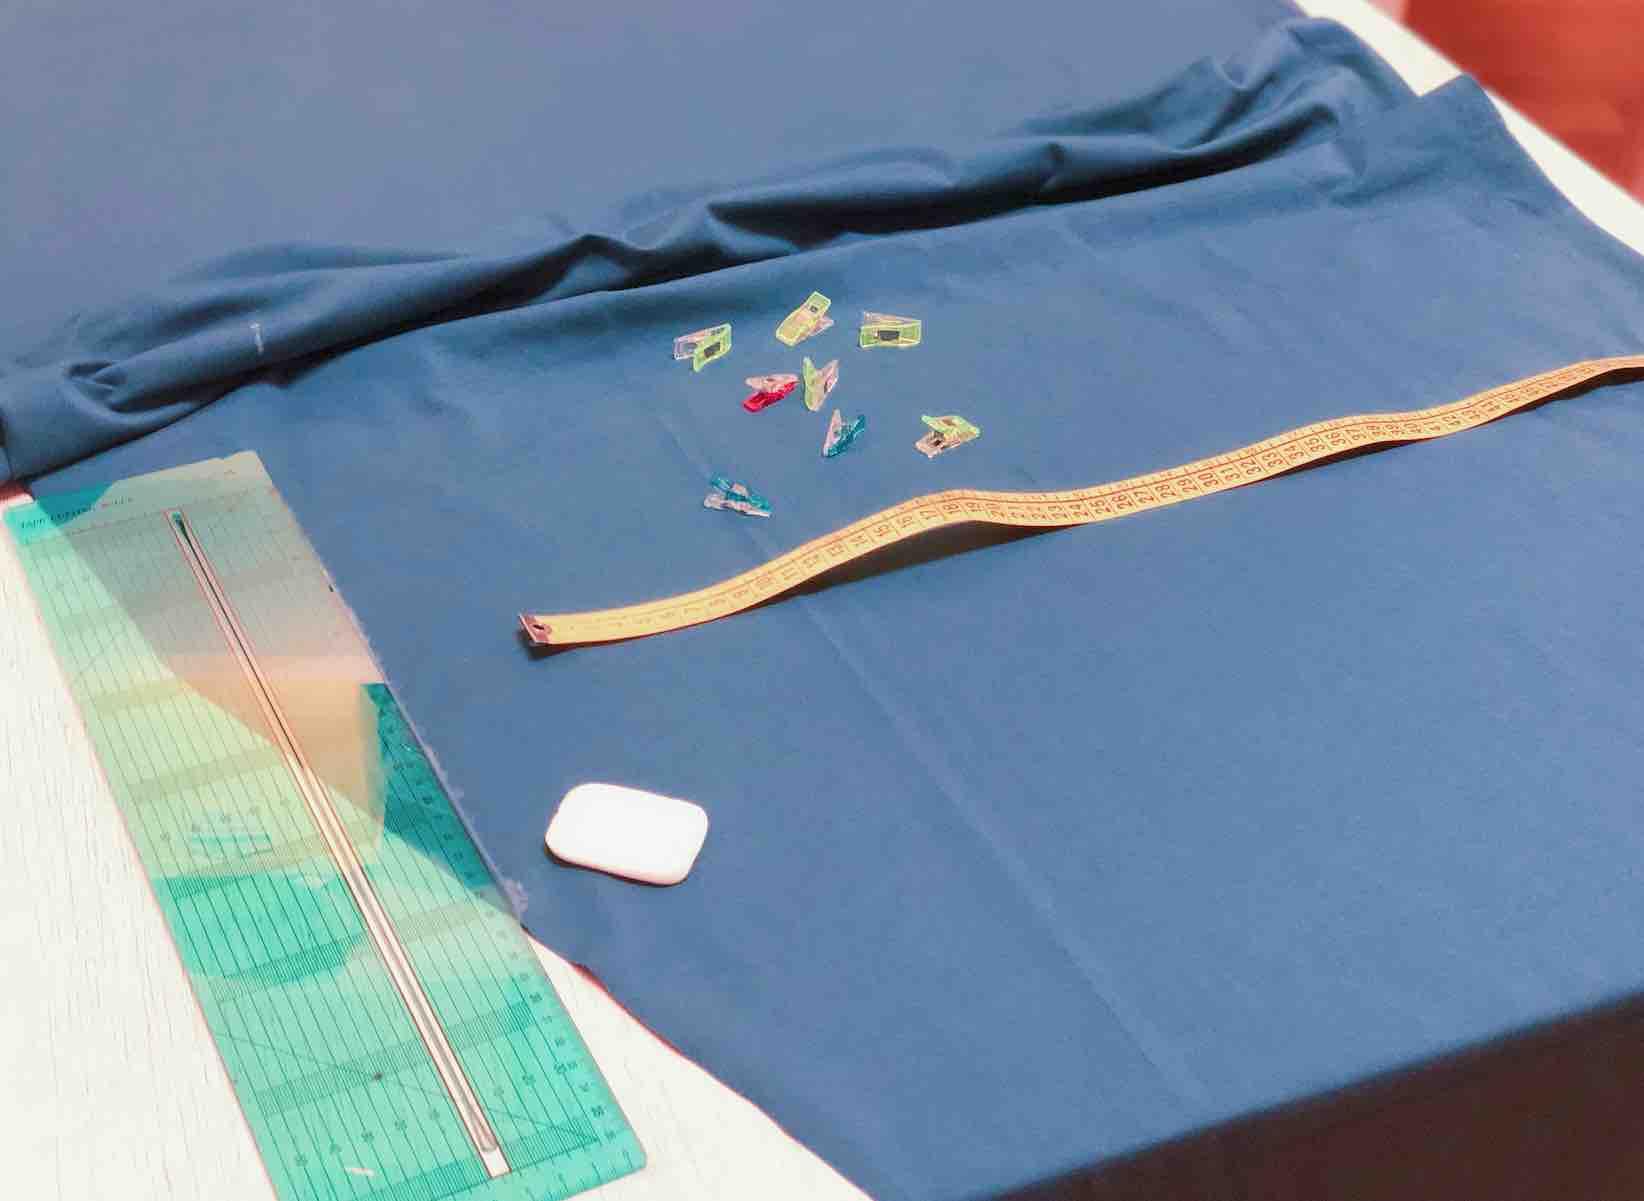 pareggiare il tessuto per ottenere un rettangolo preciso